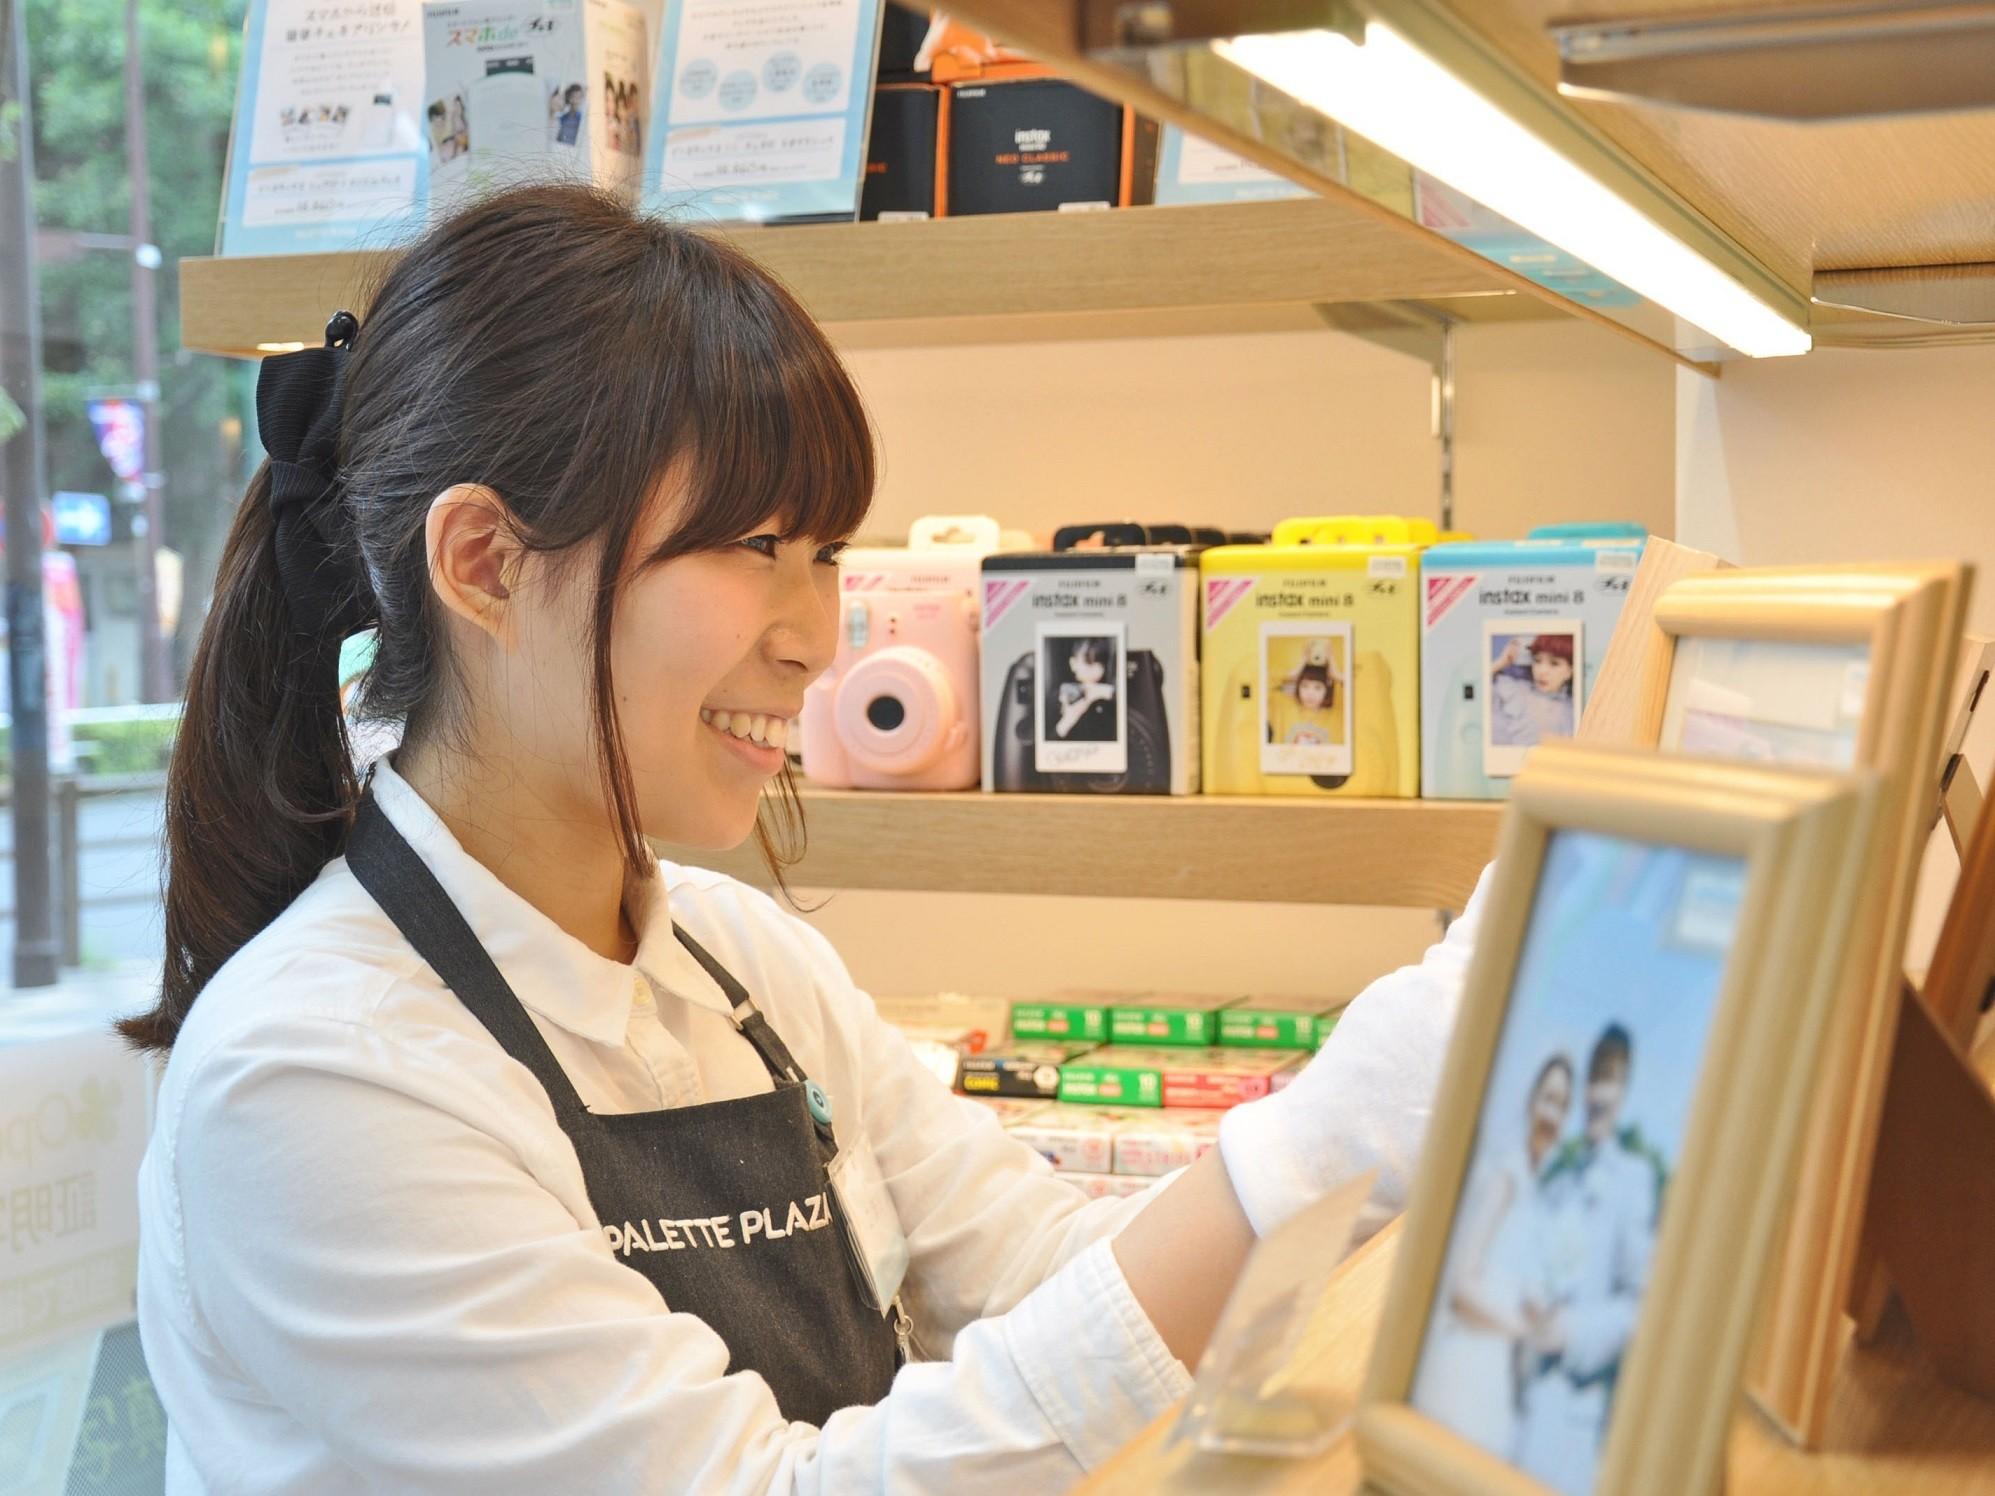 パレットプラザ 浅草橋駅西口店のアルバイト情報